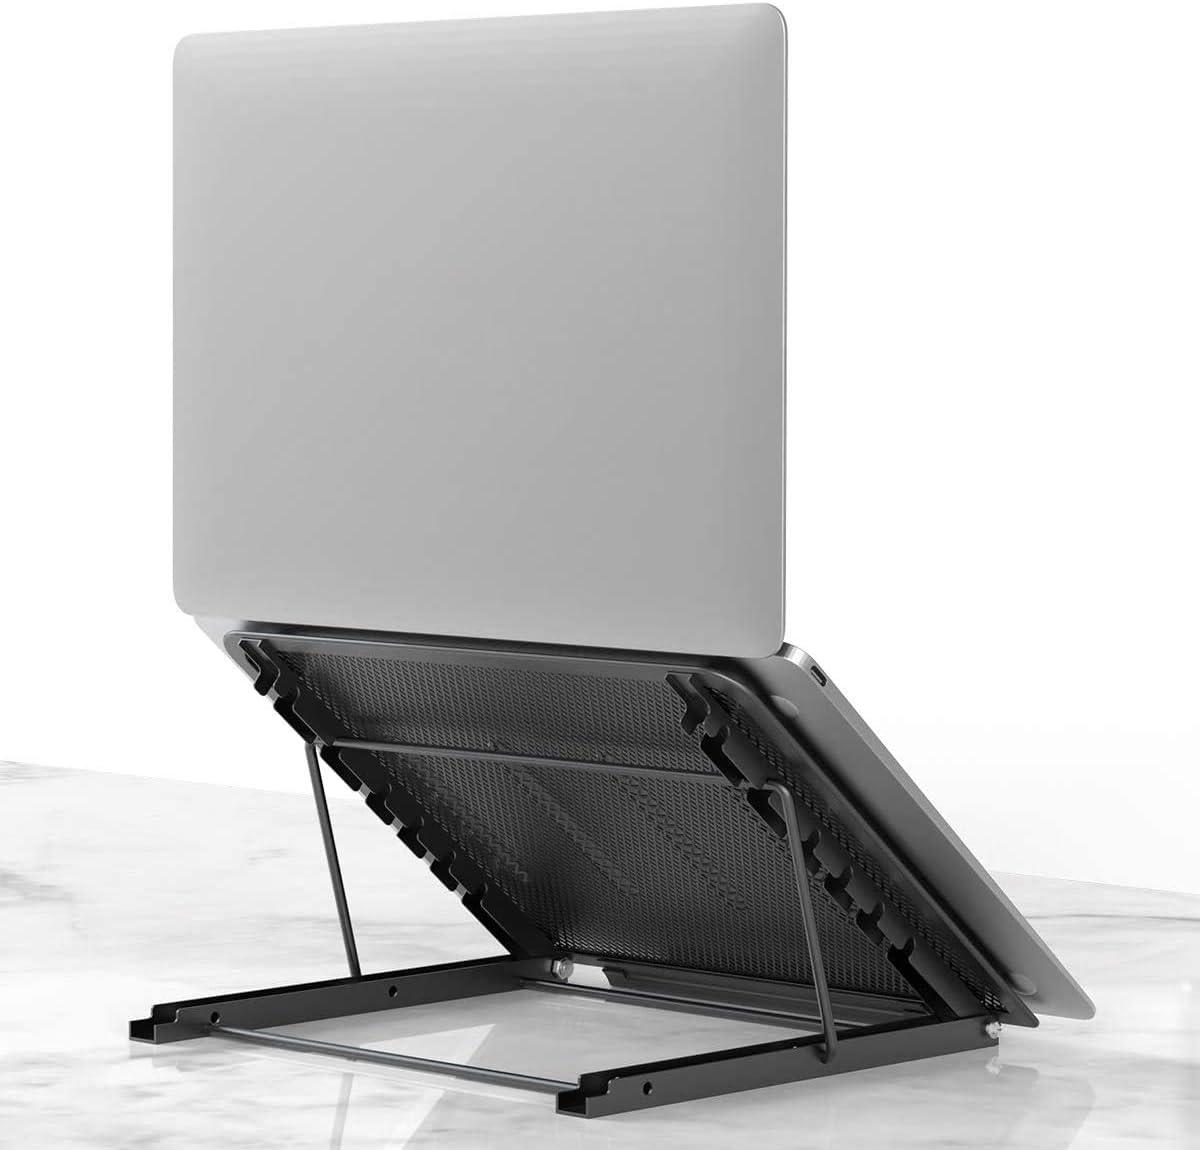 Laptop Stand for Desk - Adjustable Height Holder - Portable Folding Computer Desk - MacBook Pro Compatible